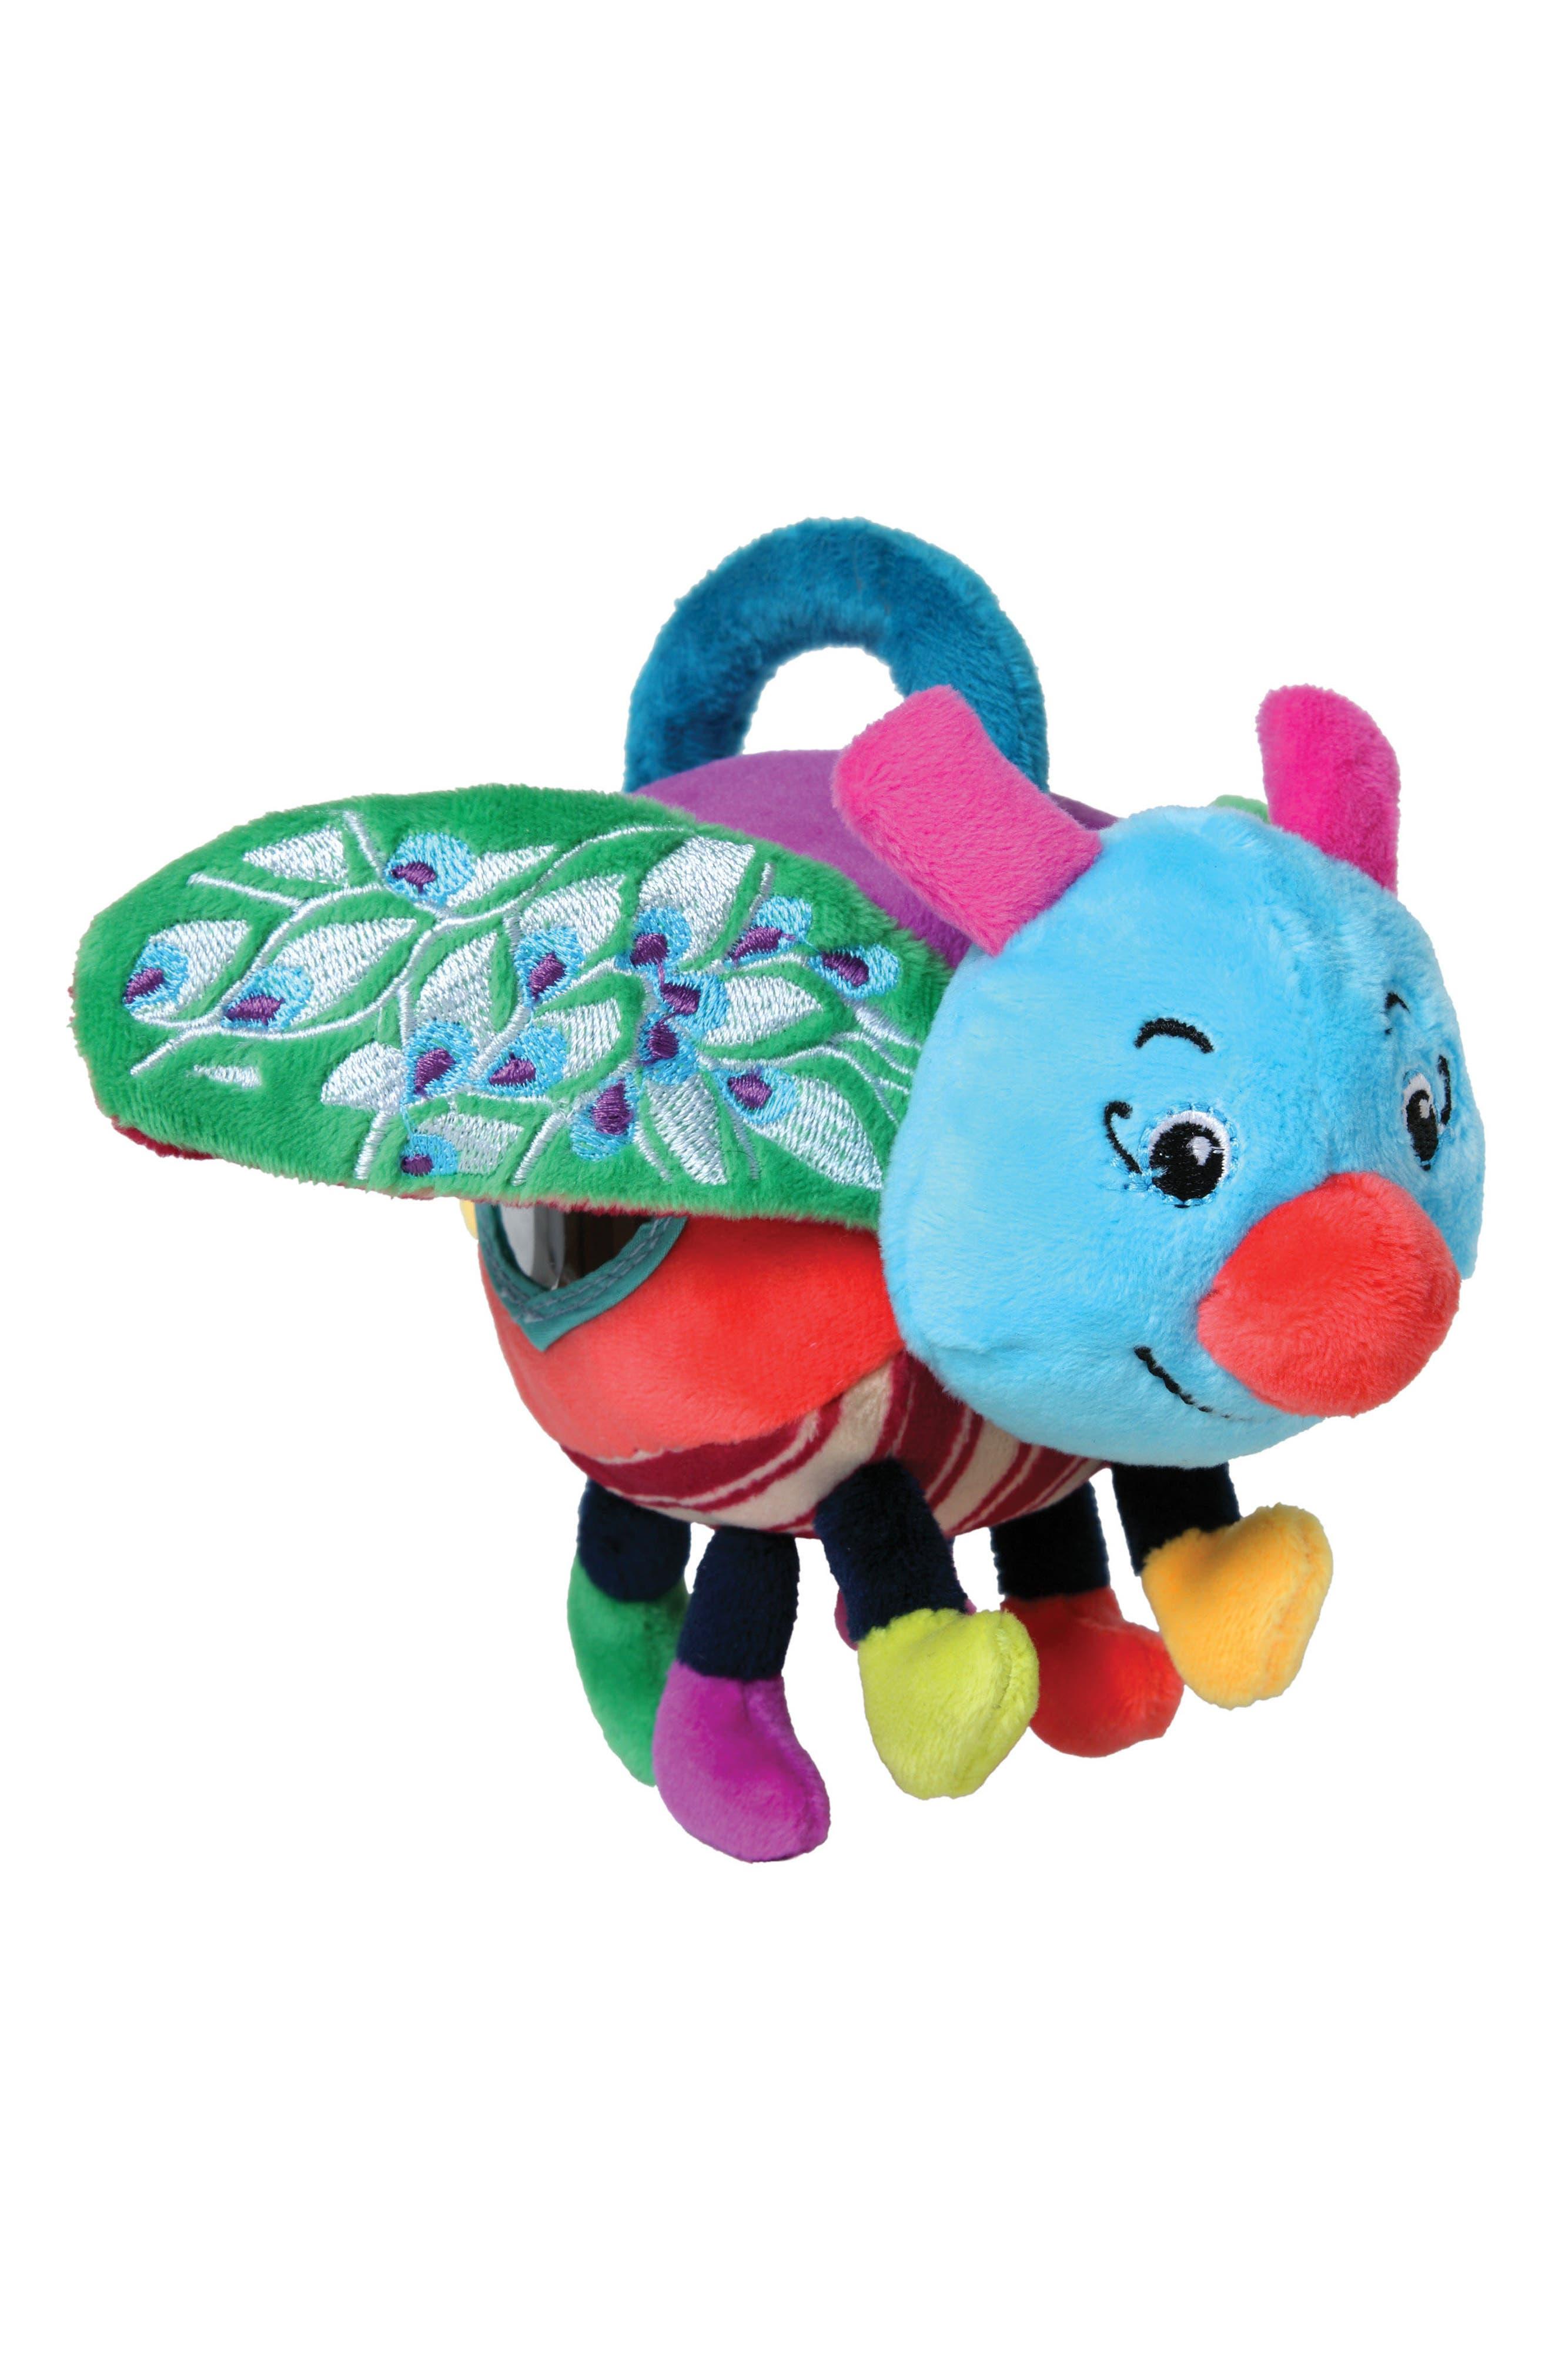 eeBoo Noisy Bug Stuffed Toy